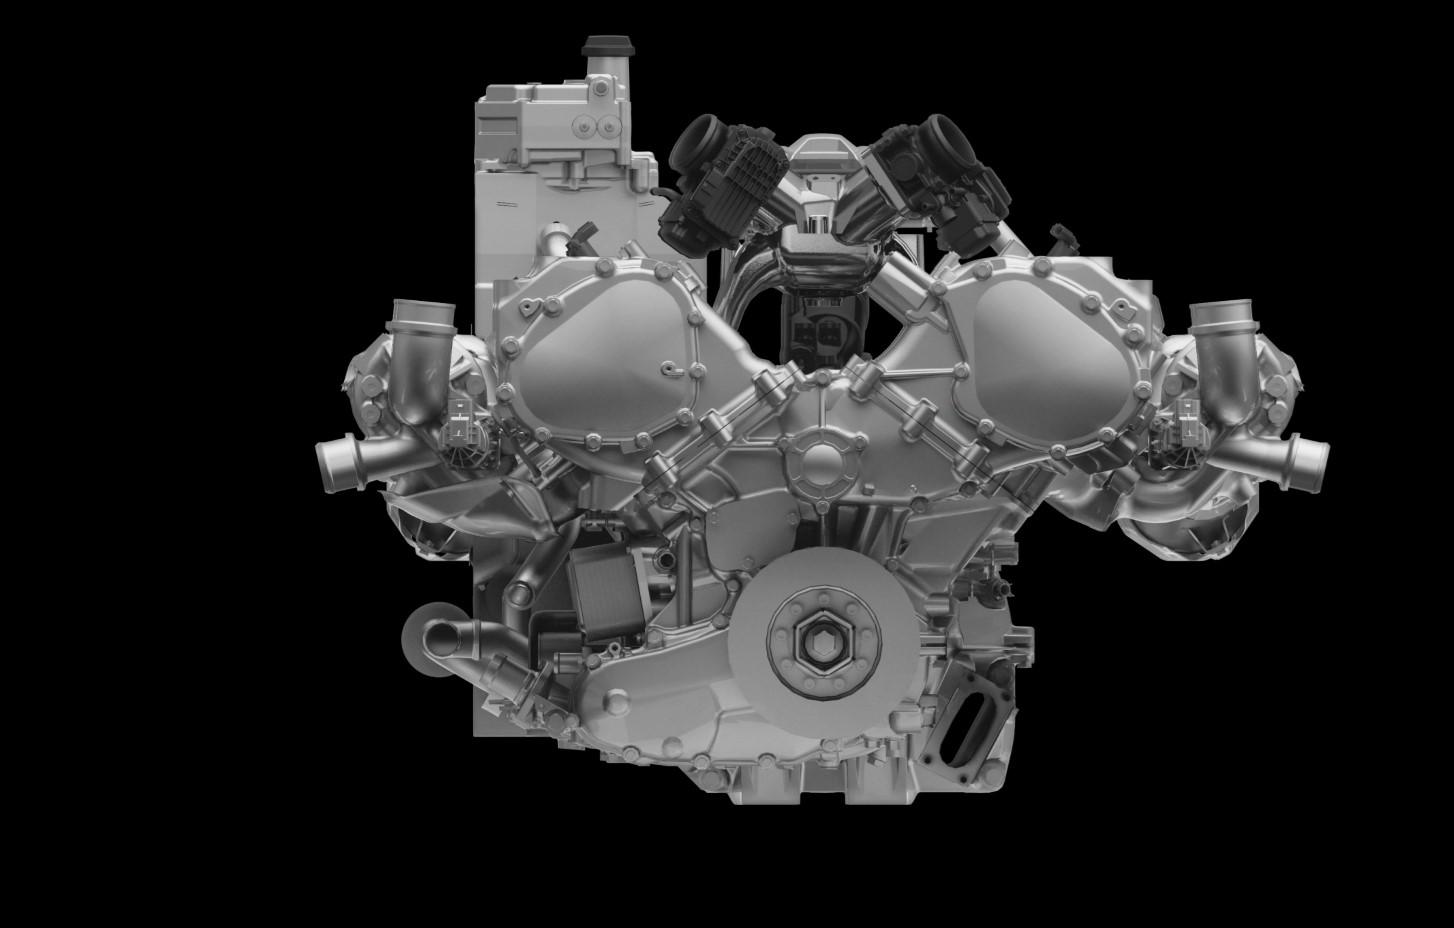 54630 2015 Honda NSX SAE Honda NSX: Ακτινογραφώντας το τέρας car, cars, Honda, Honda NSX, NSX, zblog, ιπποδύναμη, μεταχειρισμένο, πισωκίνητο, τετρακίνητο, υβριδικό, Χοντα, ψαρ